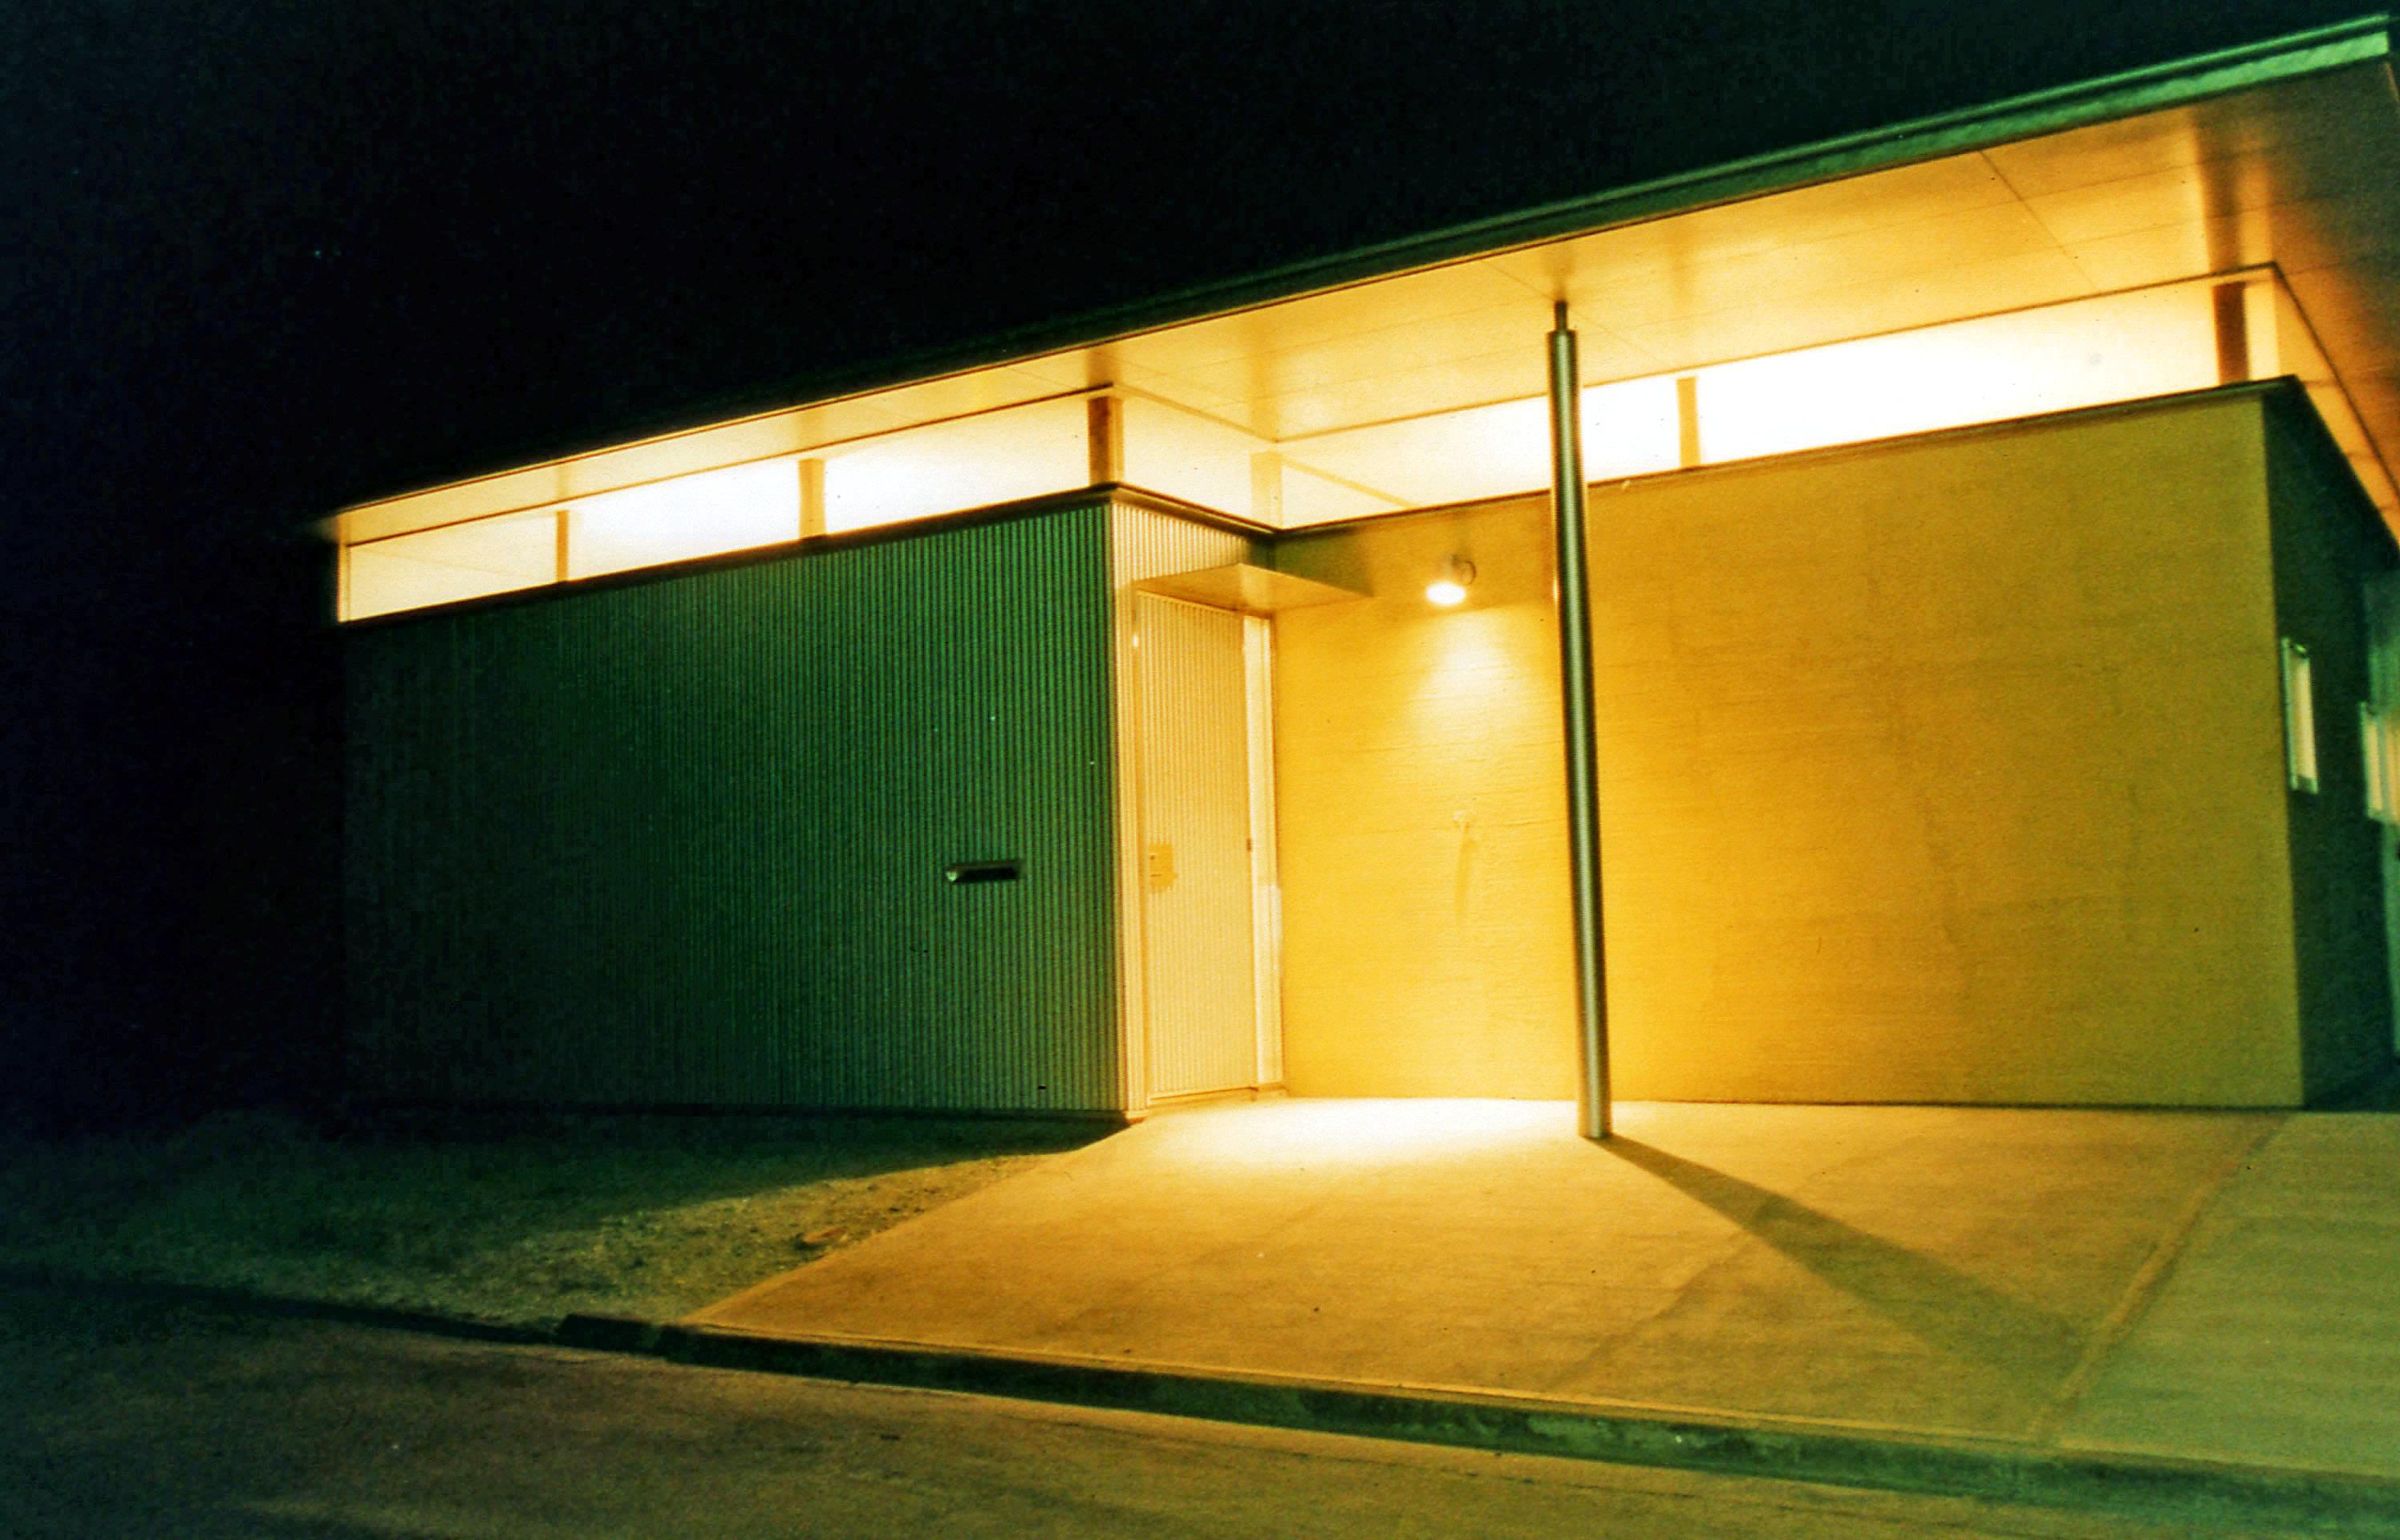 スリット窓が印象的な夜景の外観